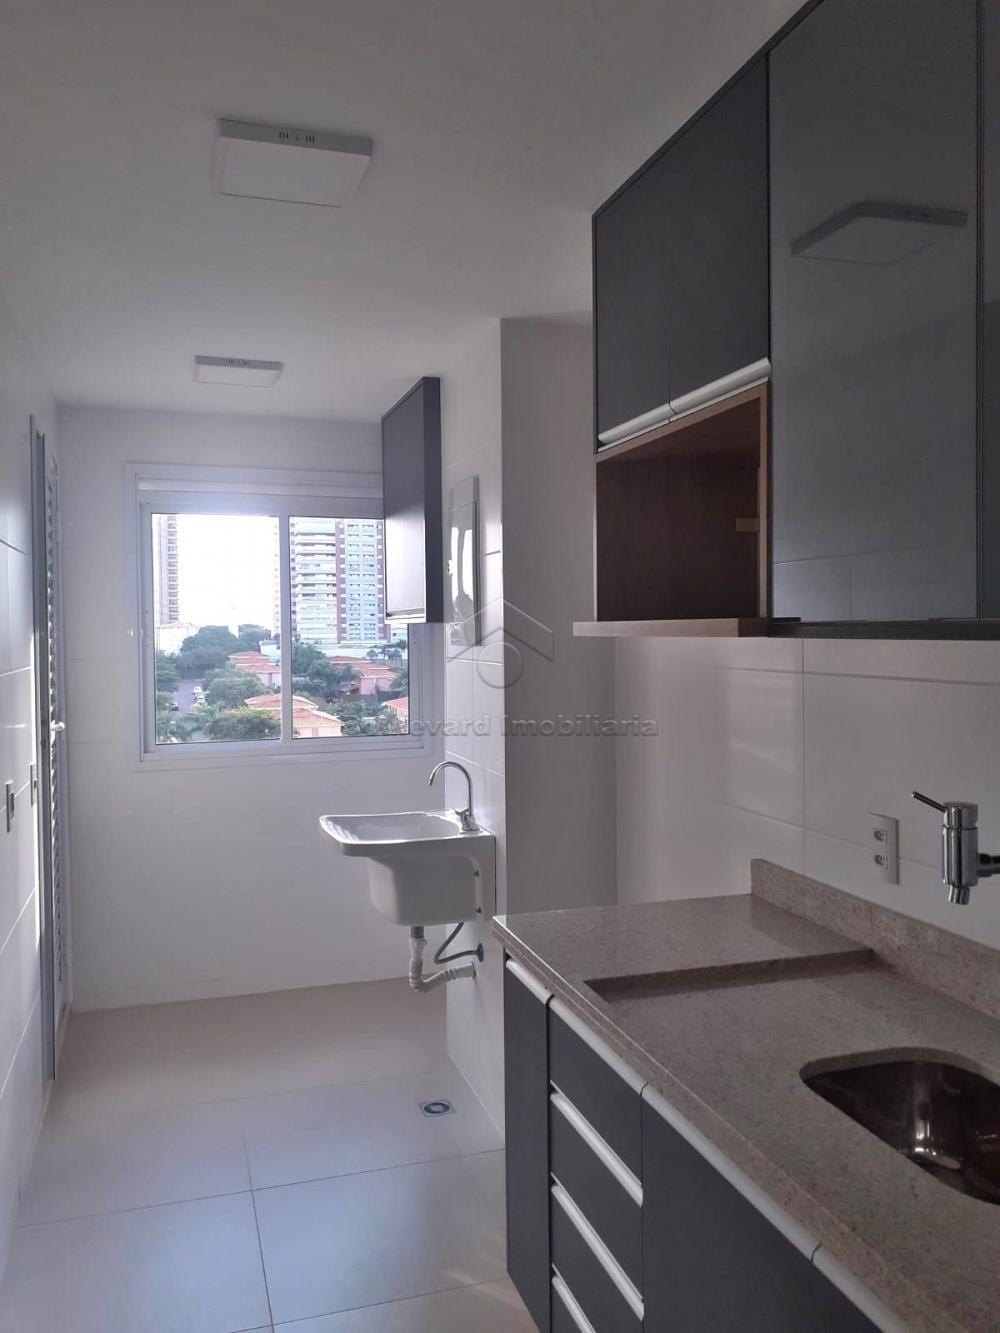 Comprar Apartamento / Padrão em Ribeirão Preto R$ 725.000,00 - Foto 28